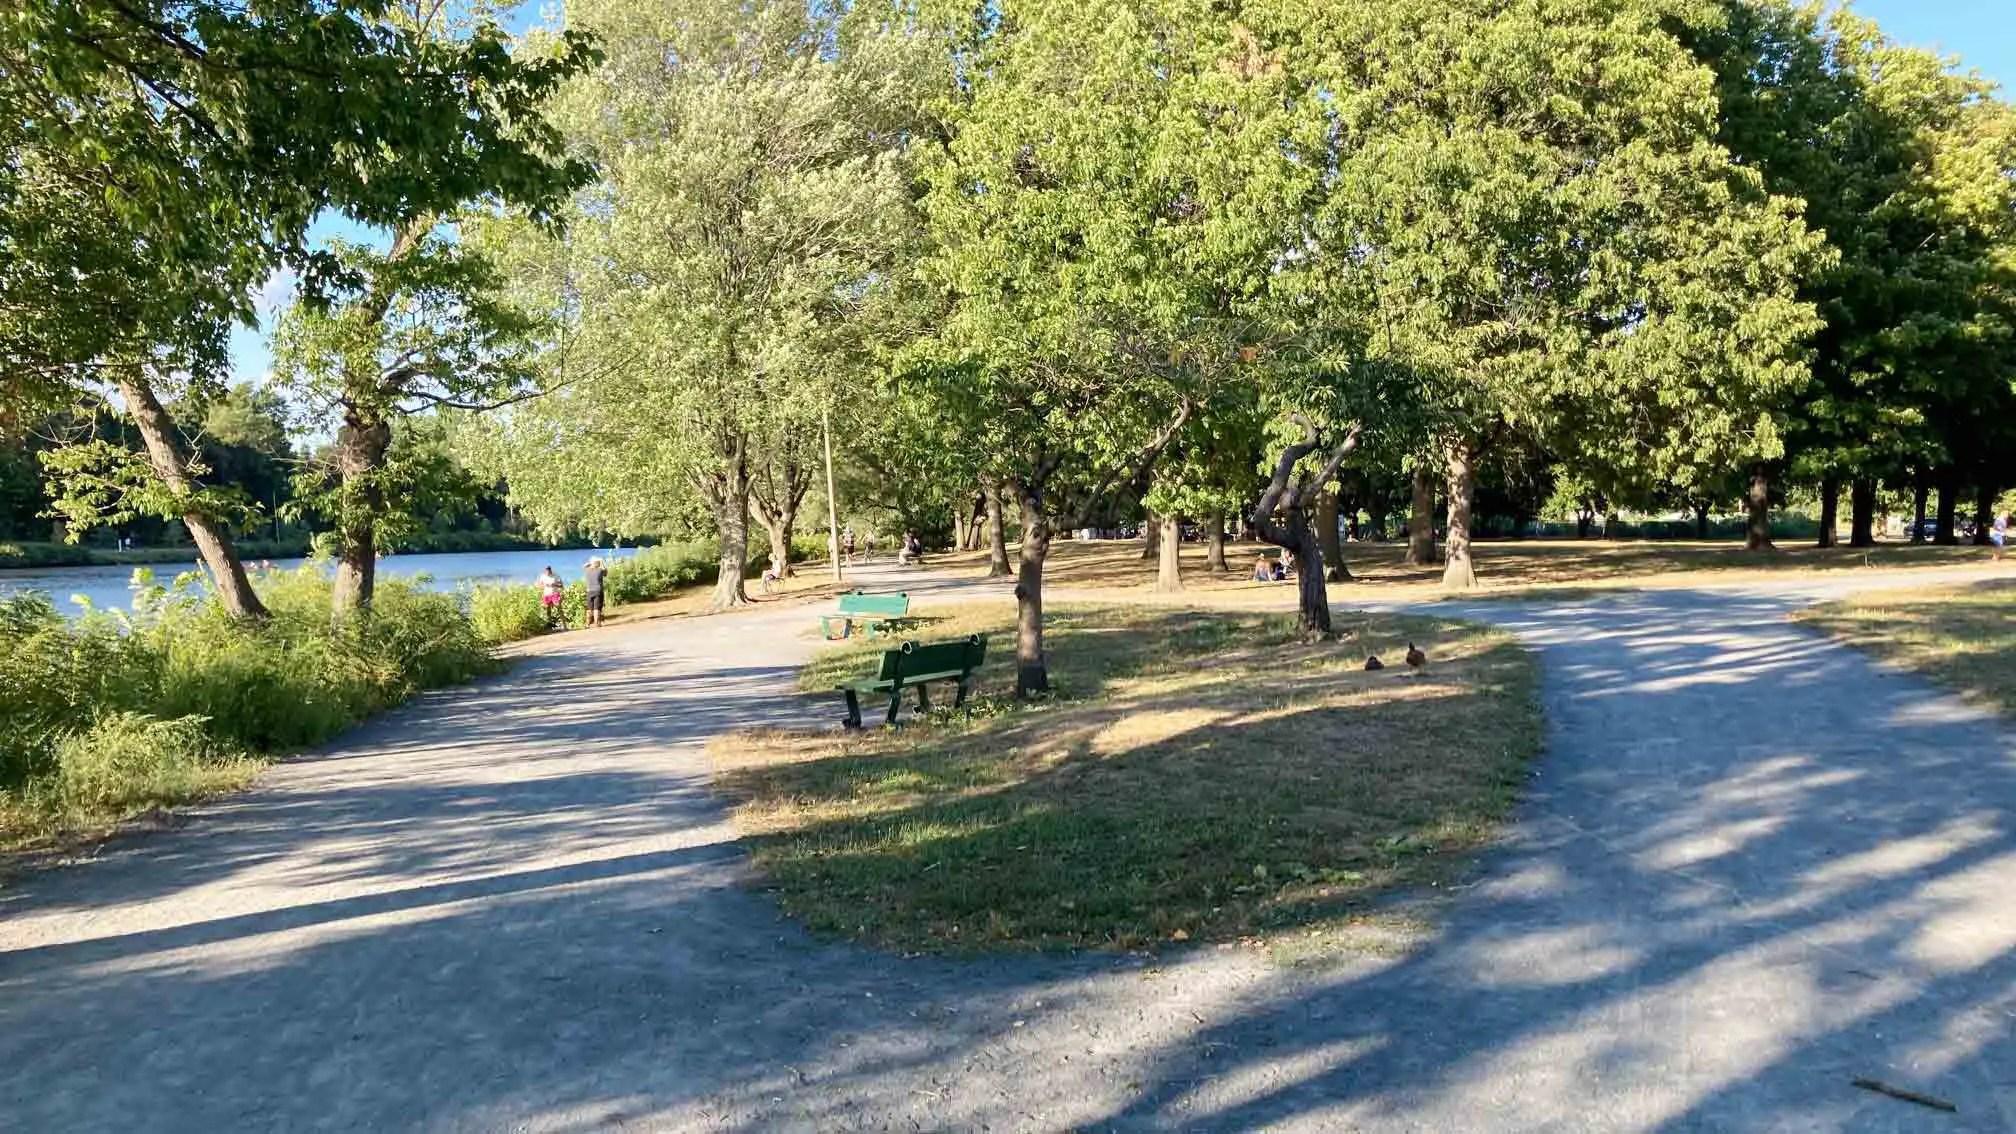 Herter Park in Allston, MA